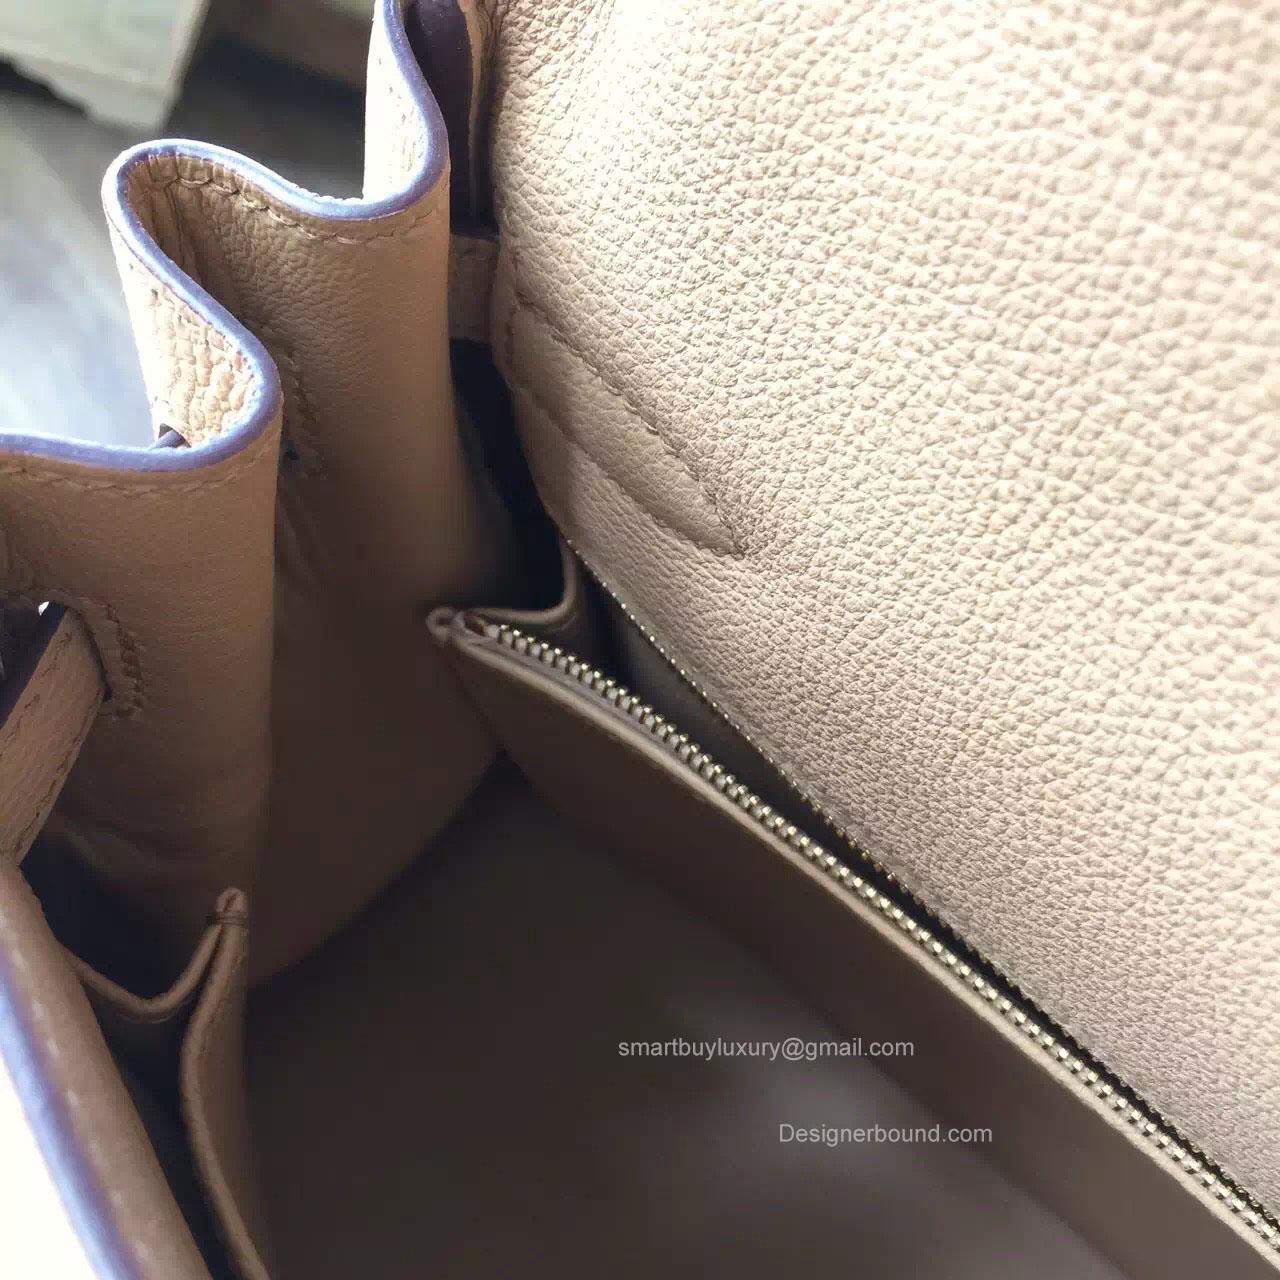 Hermes Kelly 28 Tabac Camel CK24 Togo Leather Handstitched Silver hw -